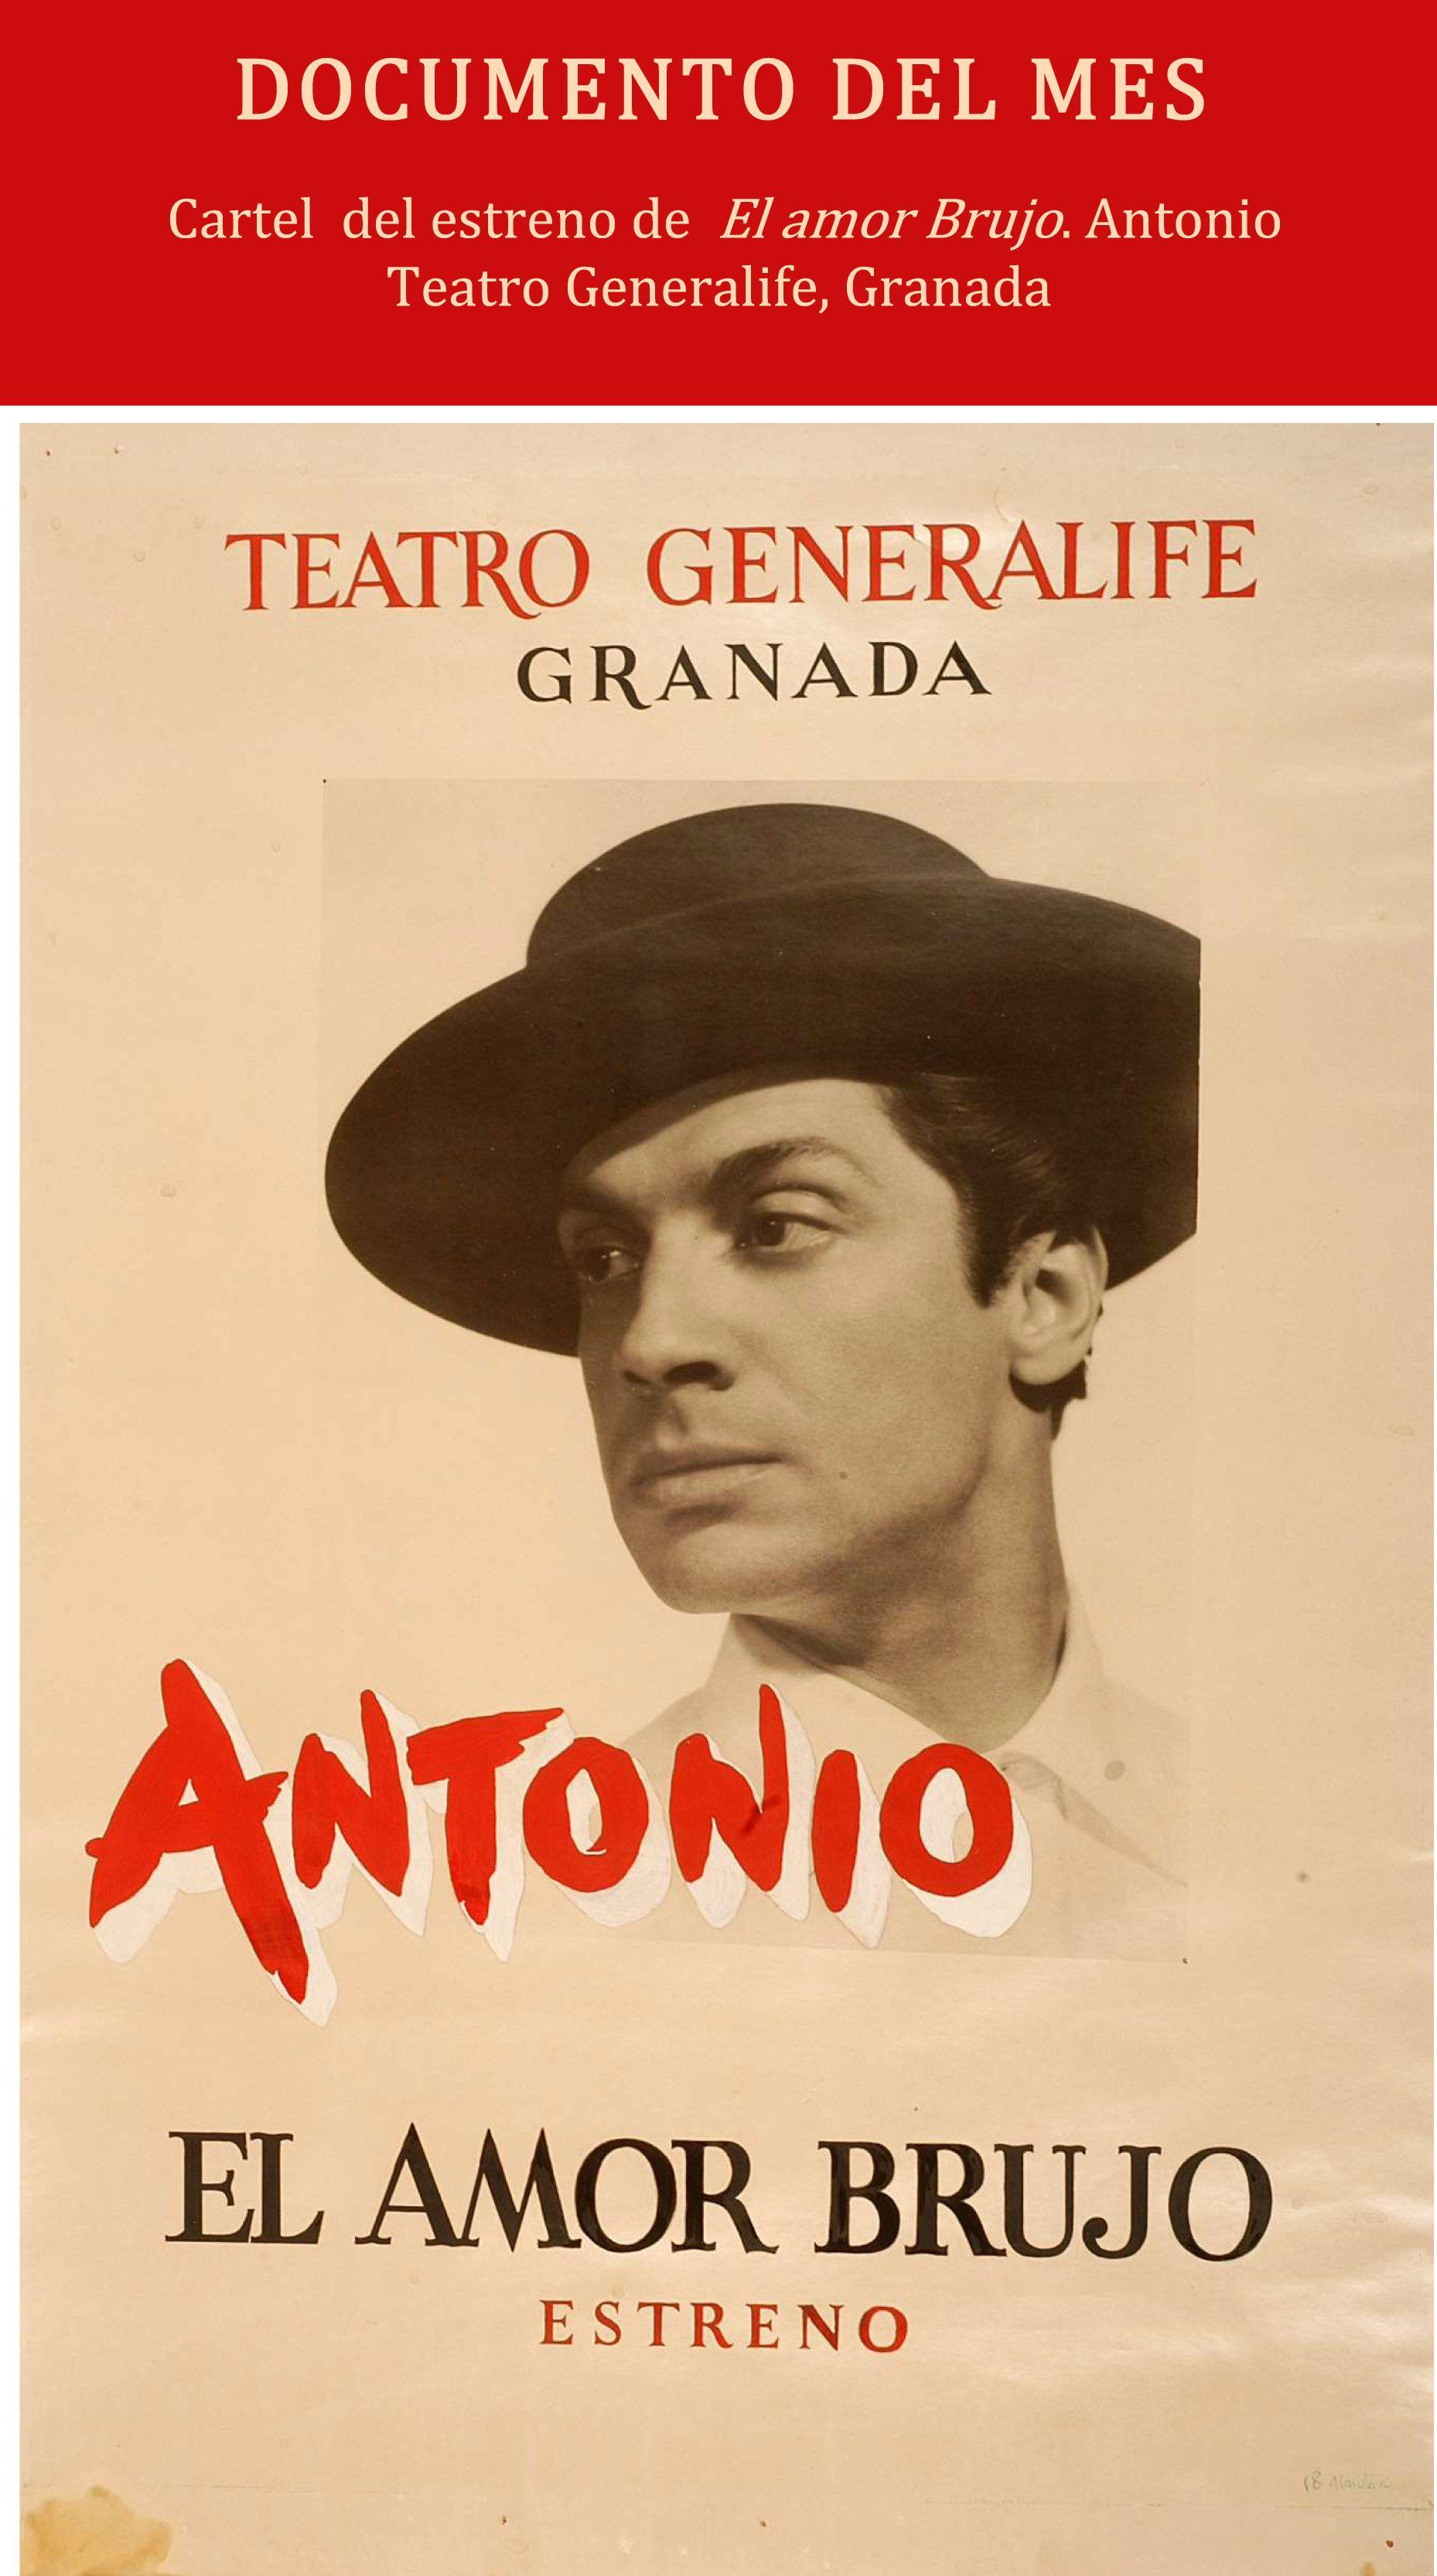 """Cartel del estreno de """"El amor brujo en el Teatro del Generalife"""". Granada, 1955"""